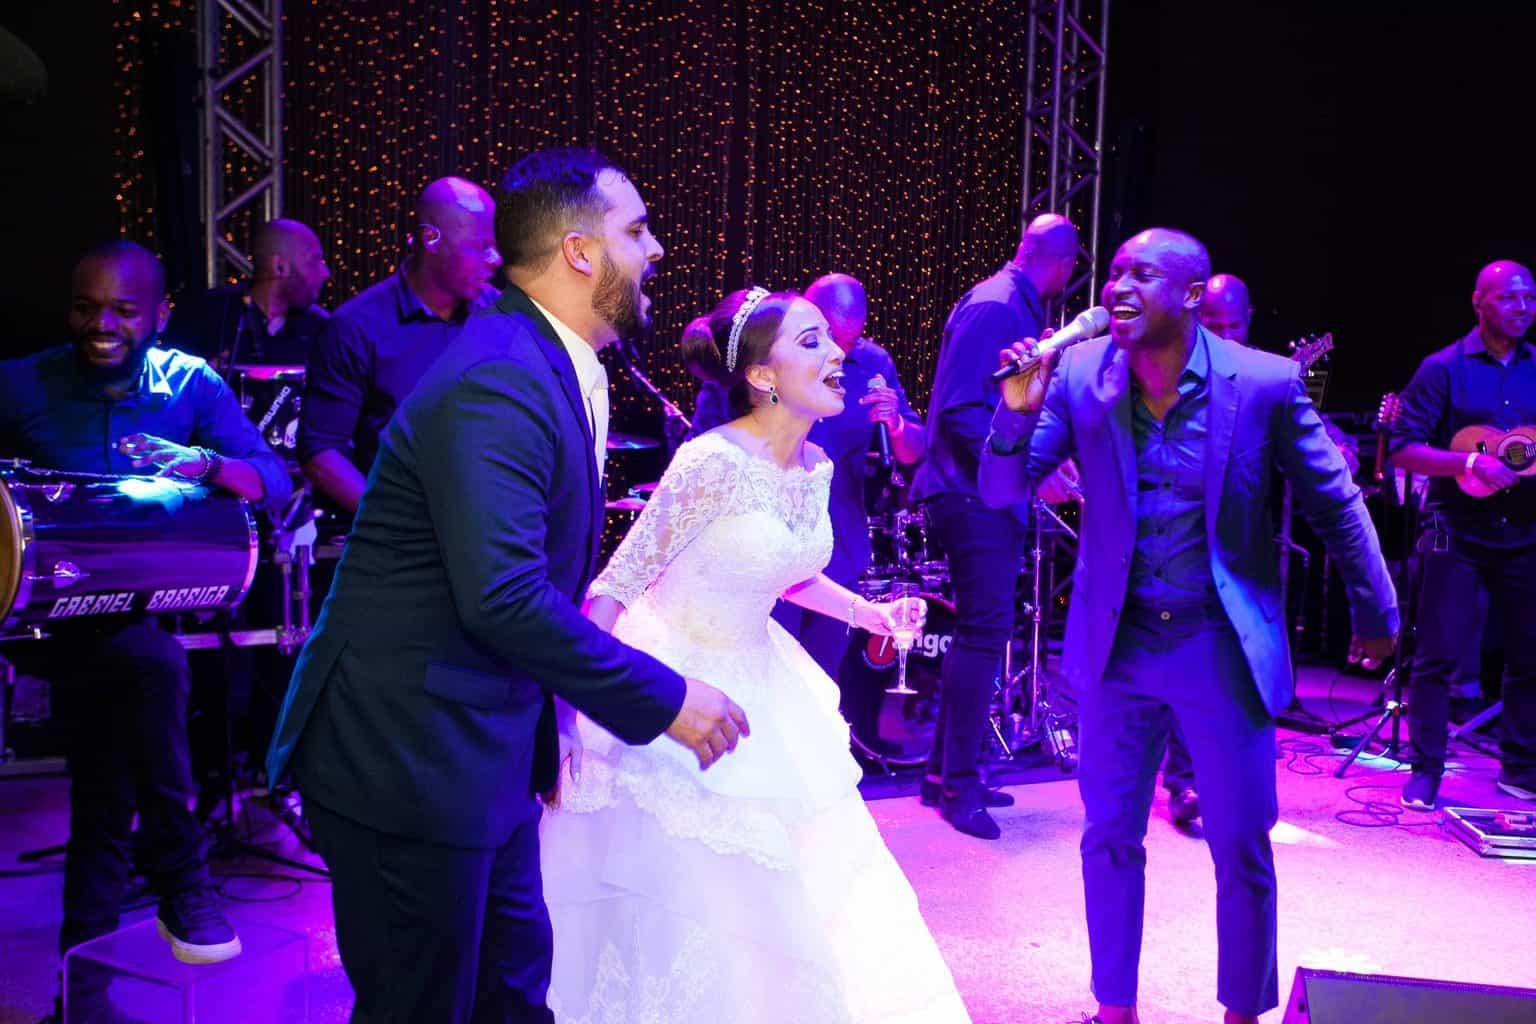 Casamento-Clássico-Casamento-tradicional-Copacabana-Palace-Monica-Roias-Ribas-Foto-e-Vídeo-Thiaguinho-Tuanny-e-Bernardo-CaseMe-7